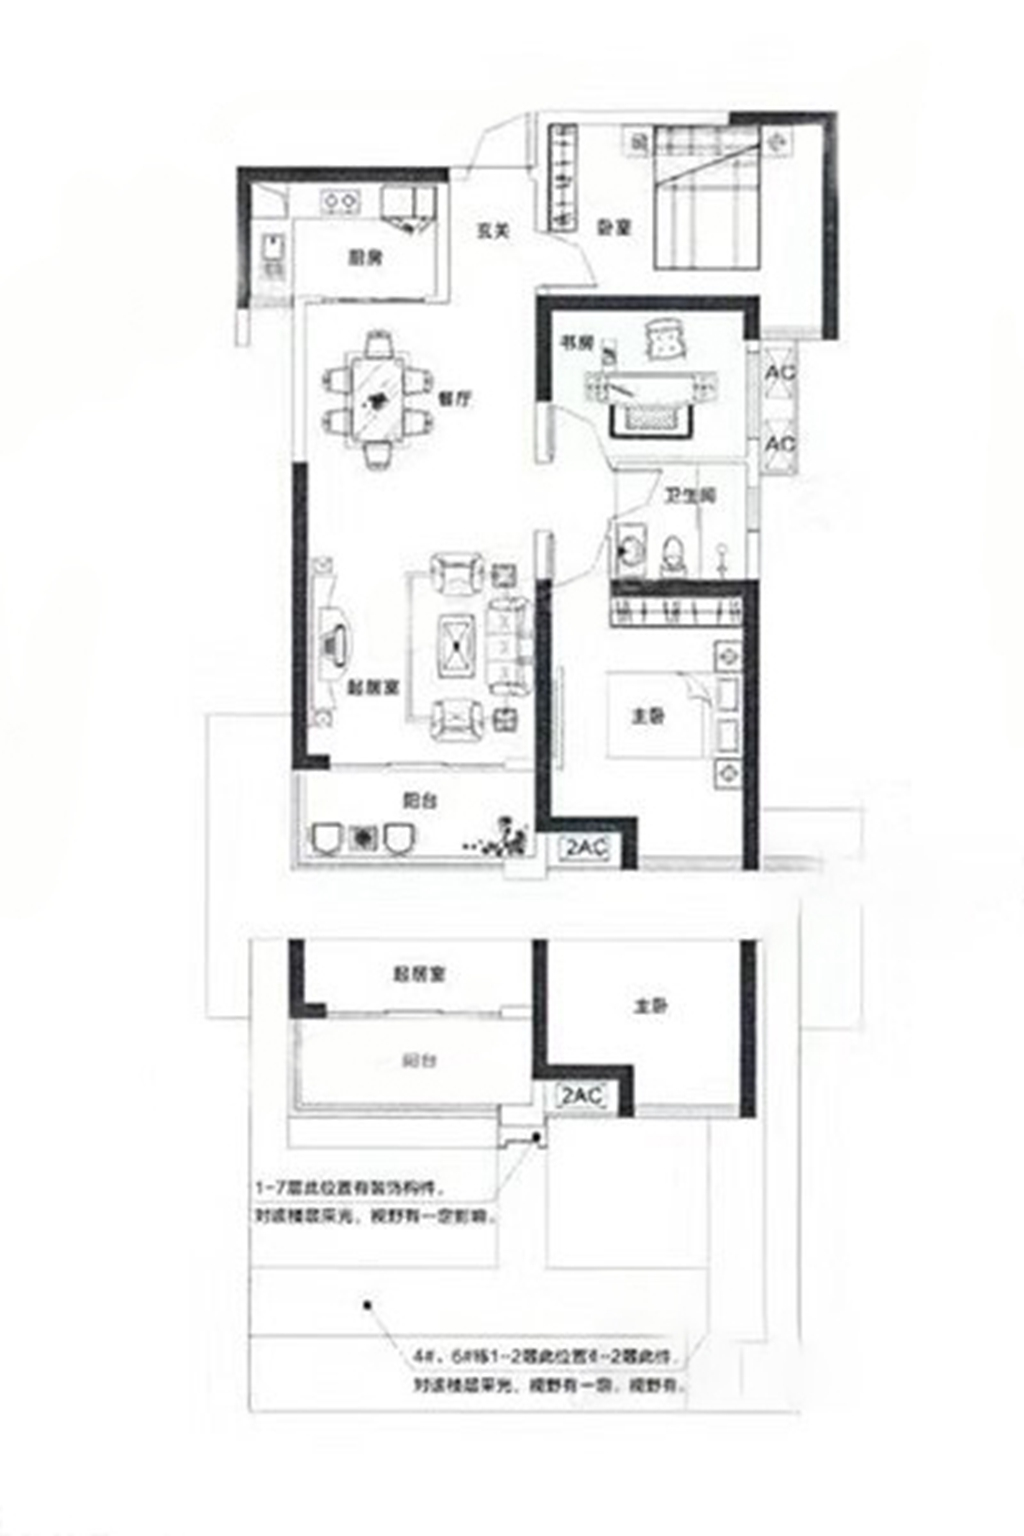 北辰三角洲113平米现代简约风格装修案例装修设计理念